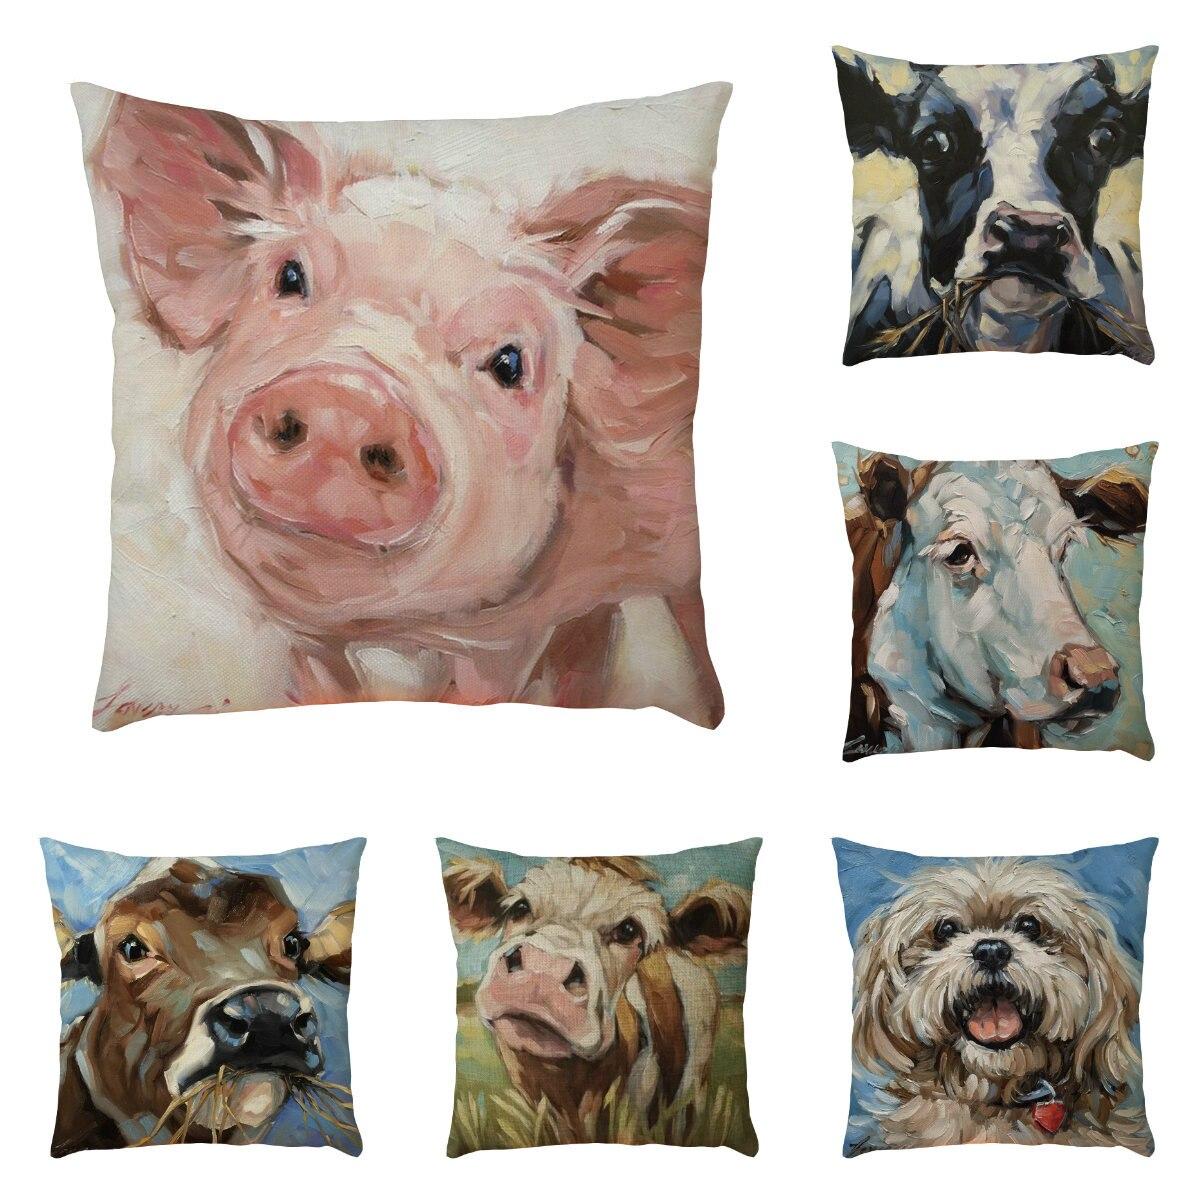 45cm * 45cm patrón Animal funda de cojín sofá hogar coche decoración Super claro granja viento vaca patrón funda de almohada decorativa